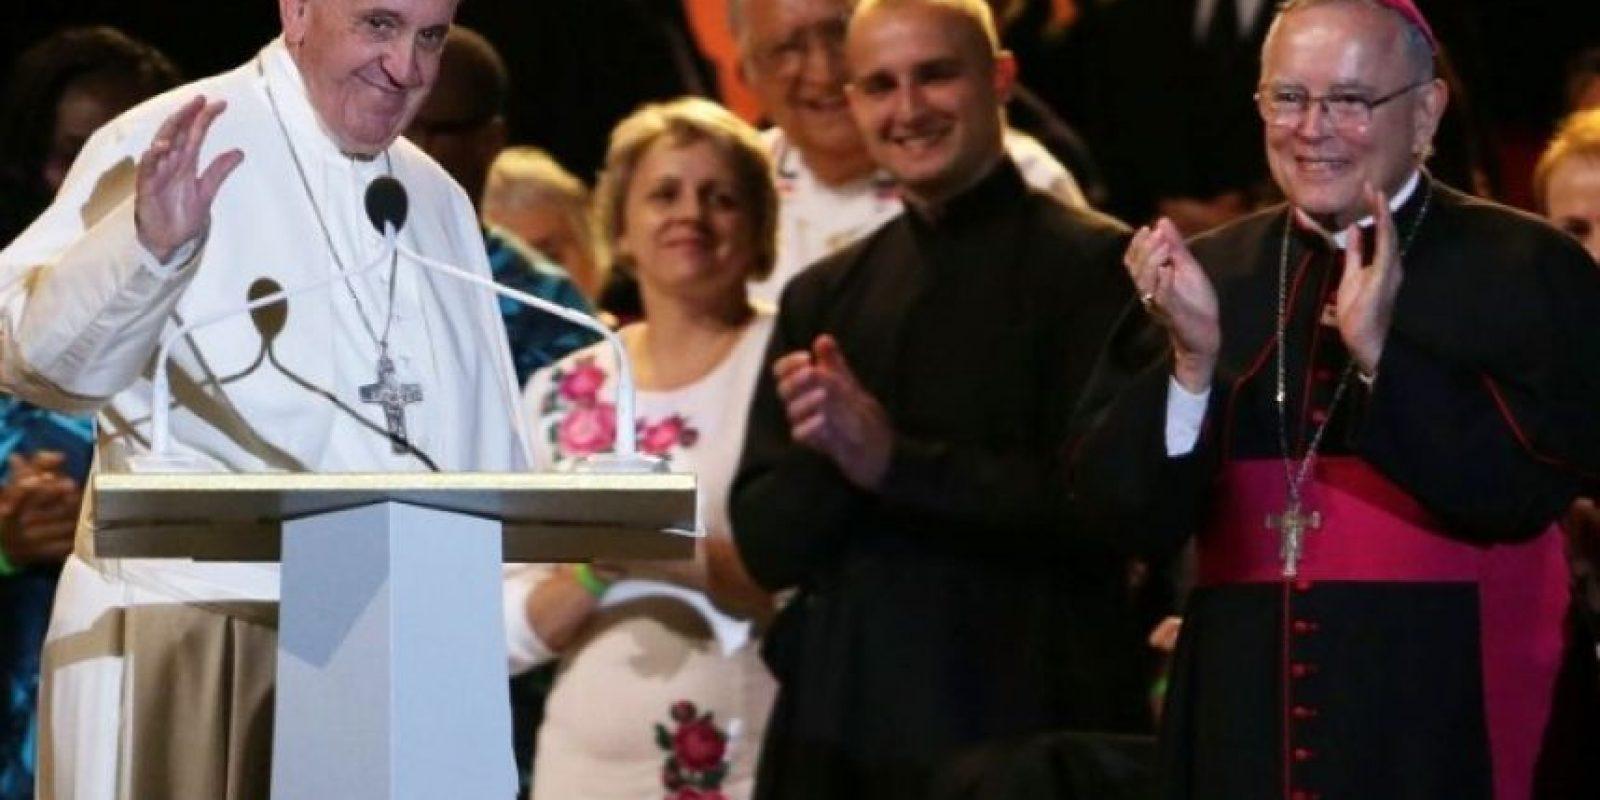 Se comprometió a realizar una profunda vigilancia por parte de la iglesia hacia todos aquellos criminales. Foto:Getty Images